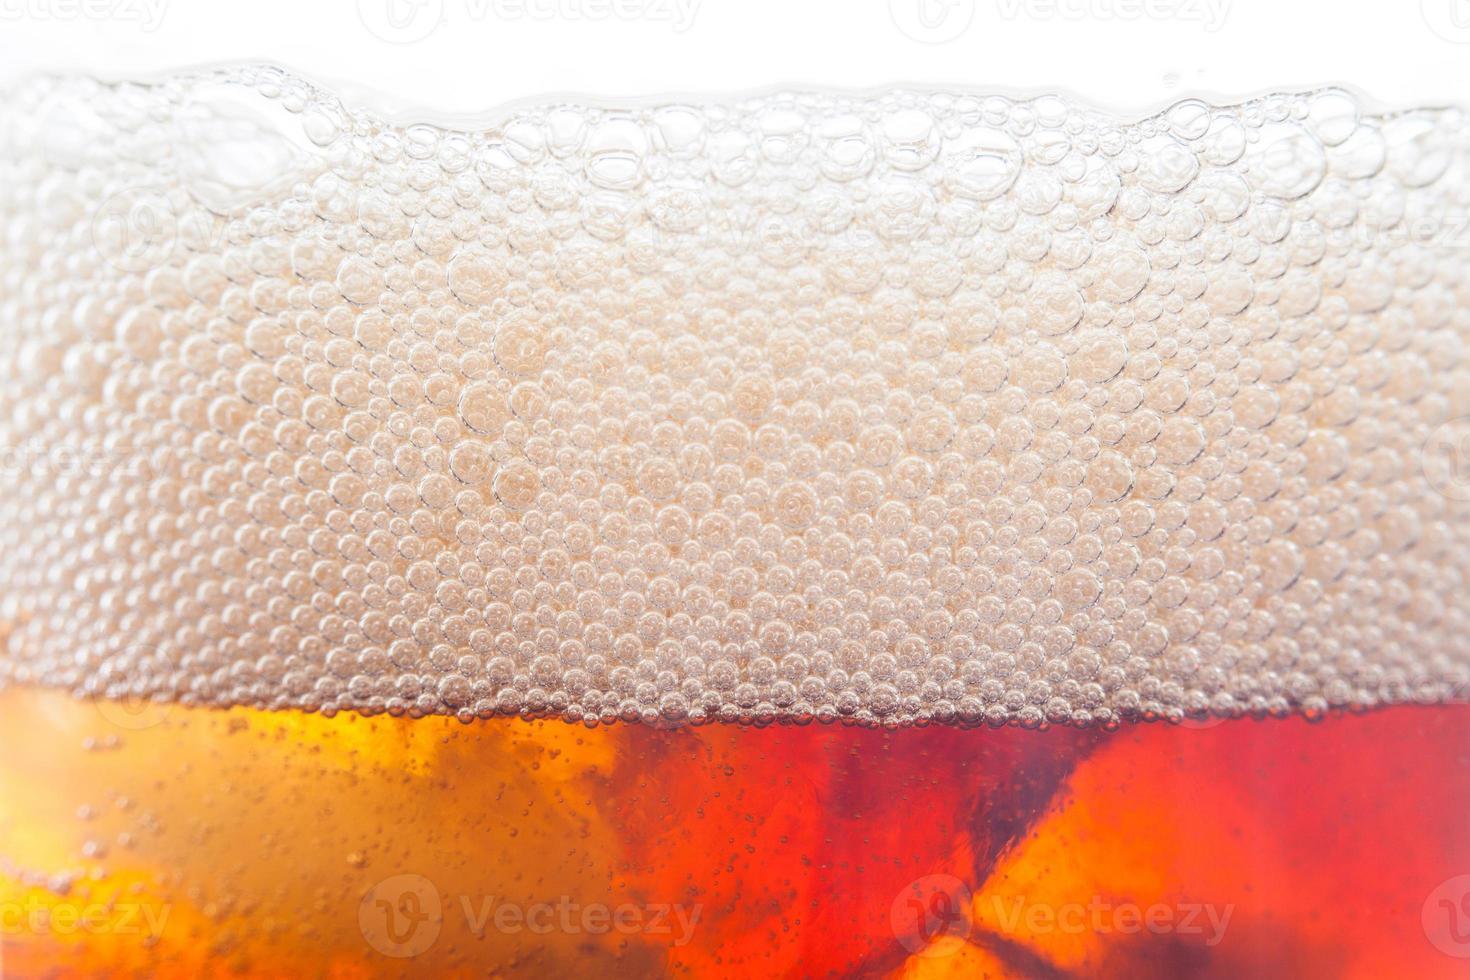 Blasenhintergrund vom Erfrischungsgetränk mit Eis foto